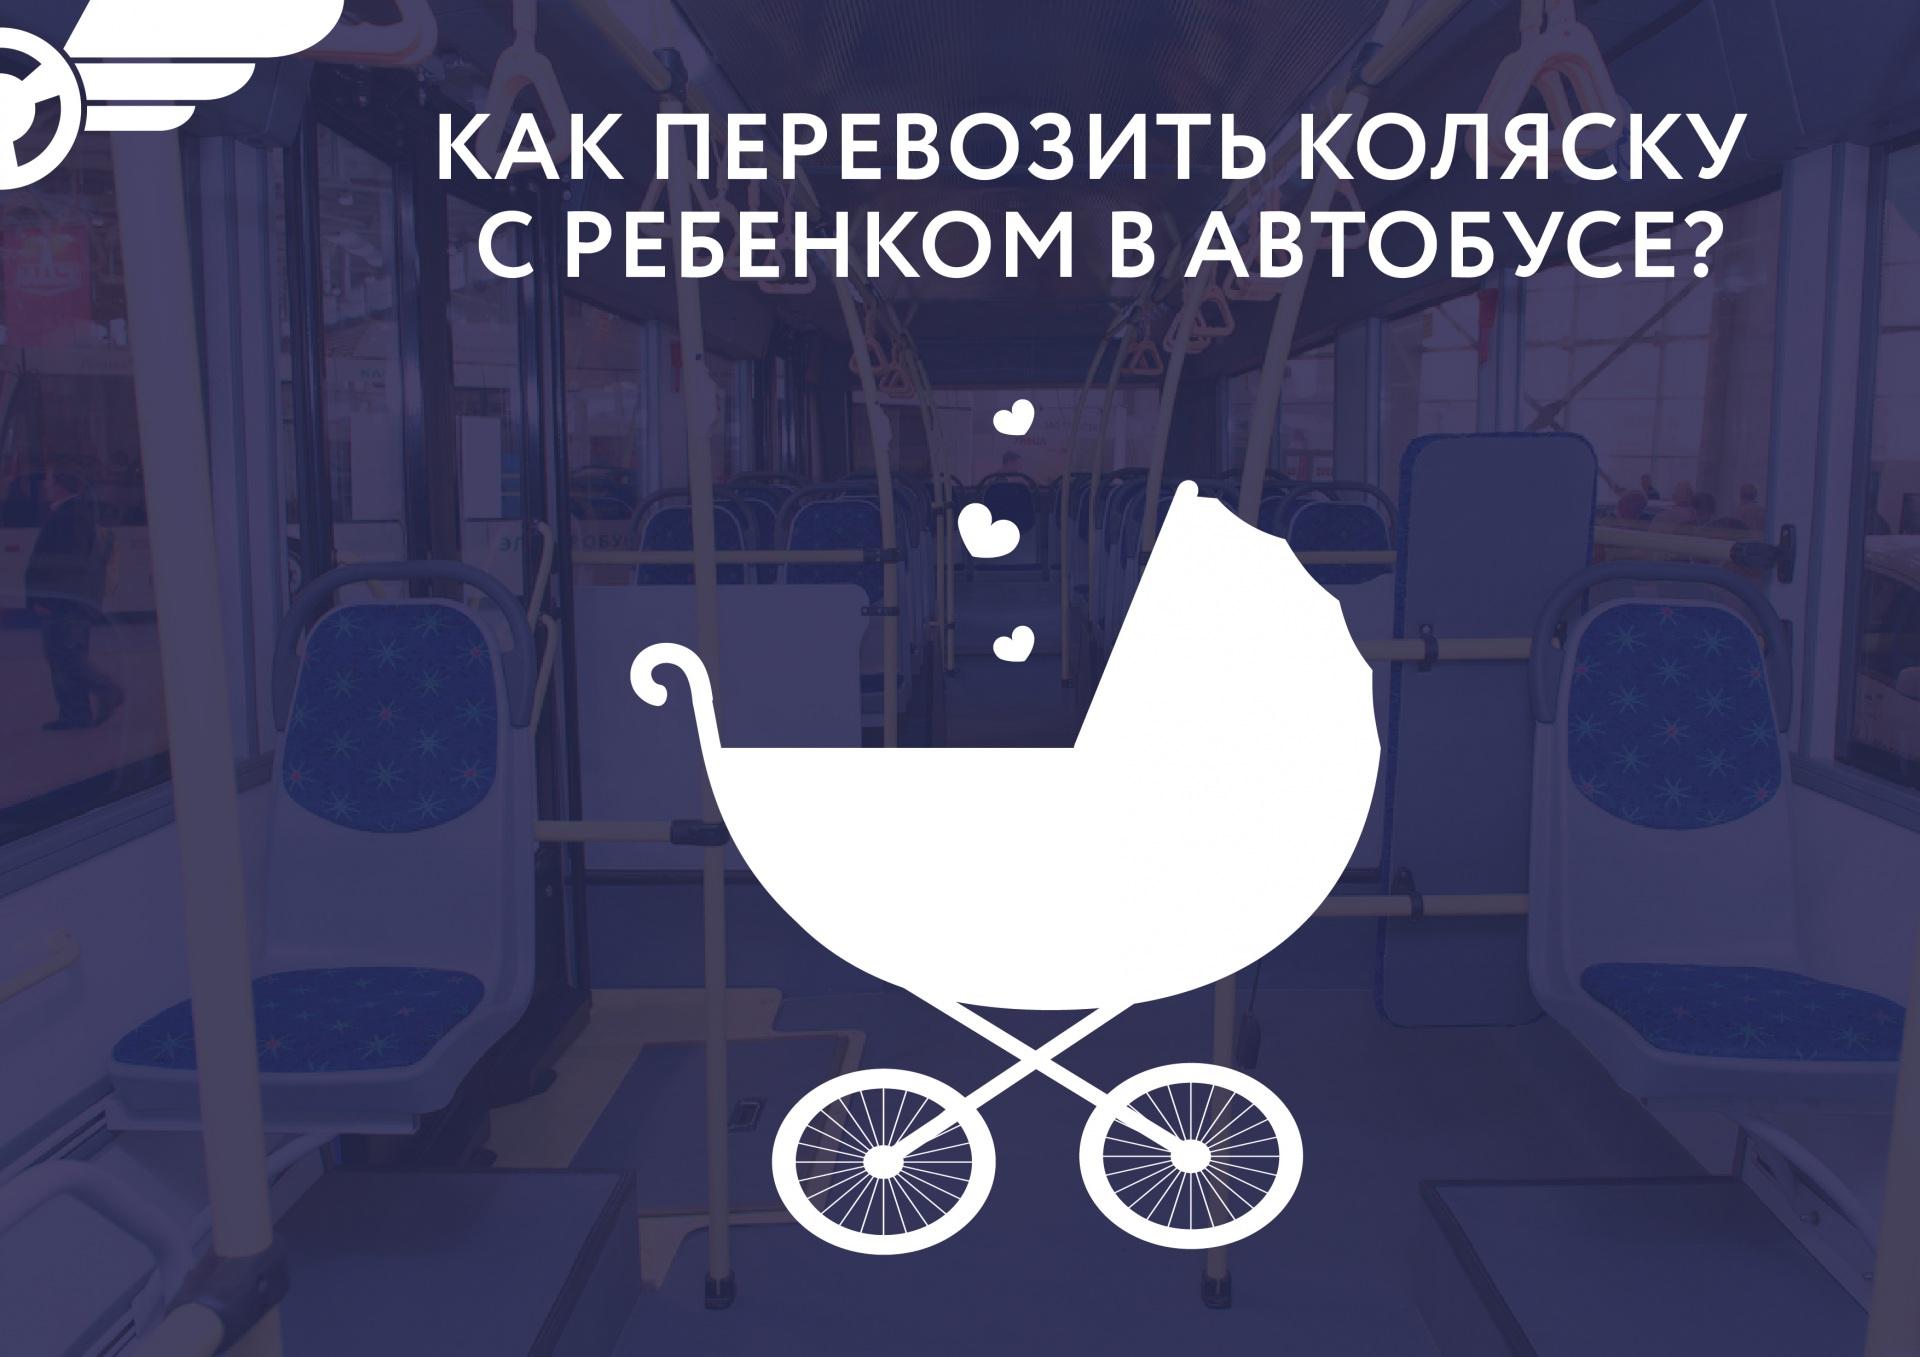 Kolyaska-v-avtobuse-01.jpg